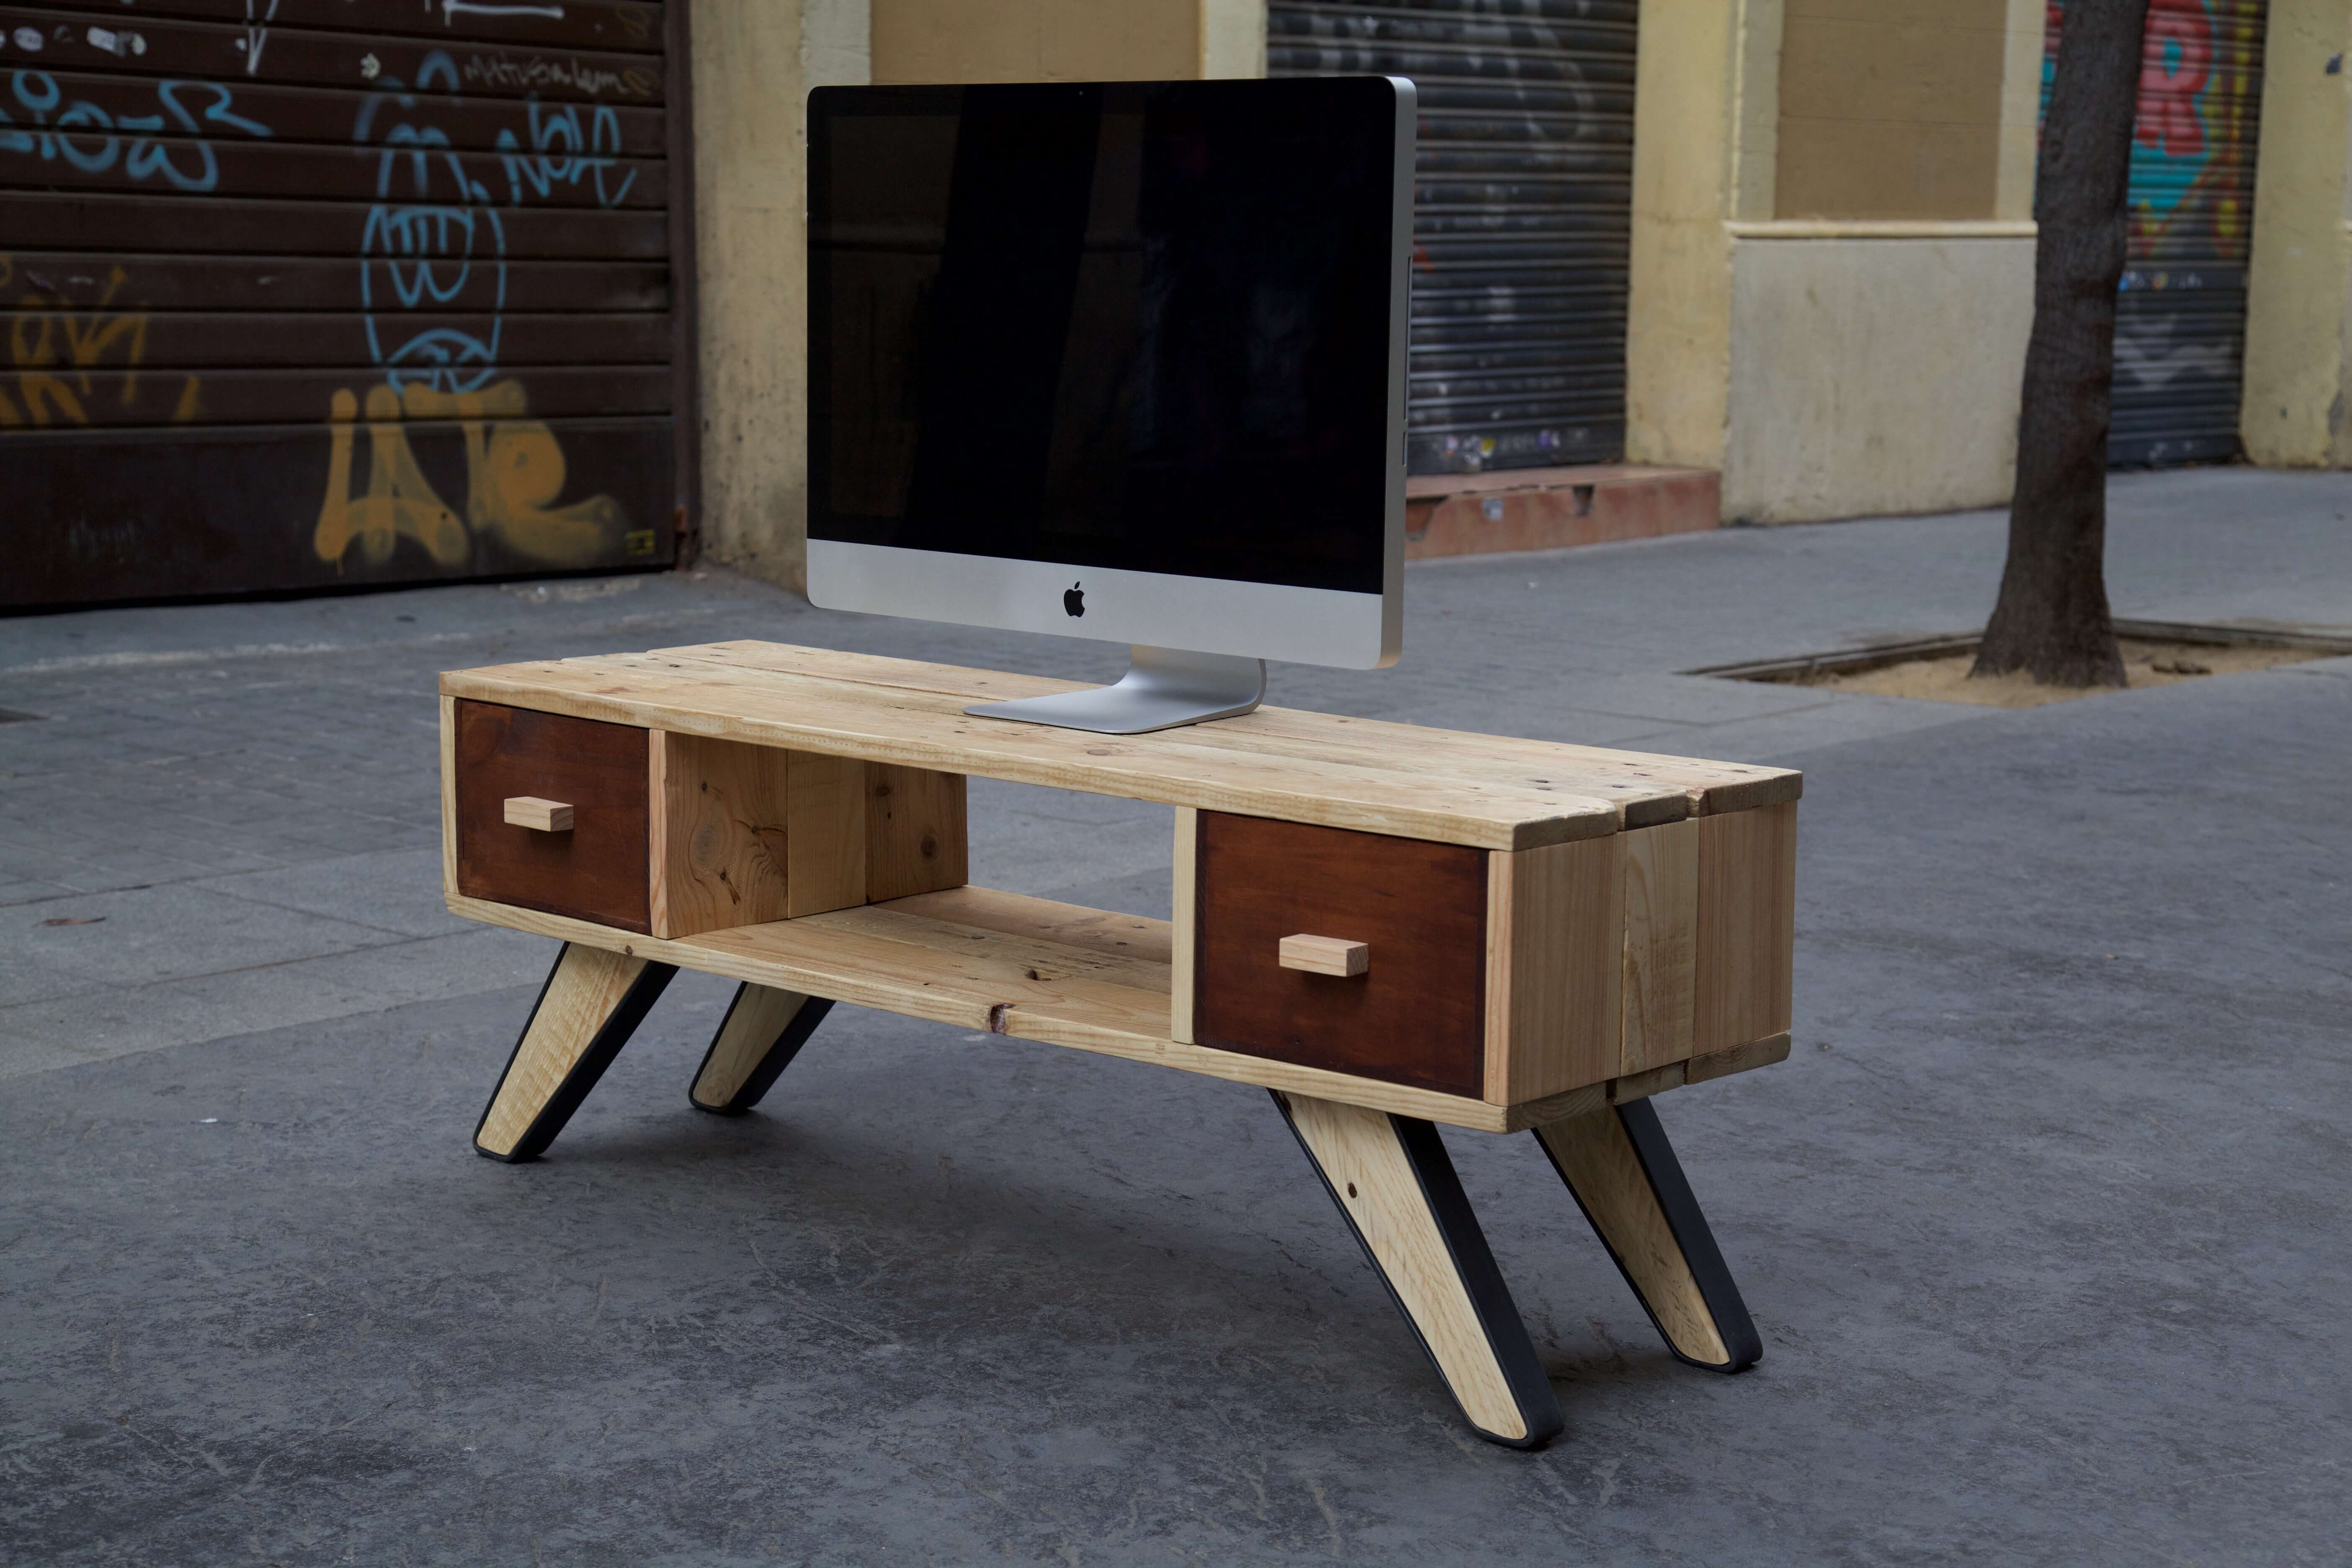 Mueble de tv don draper paletos - Muebles reciclados de palets ...